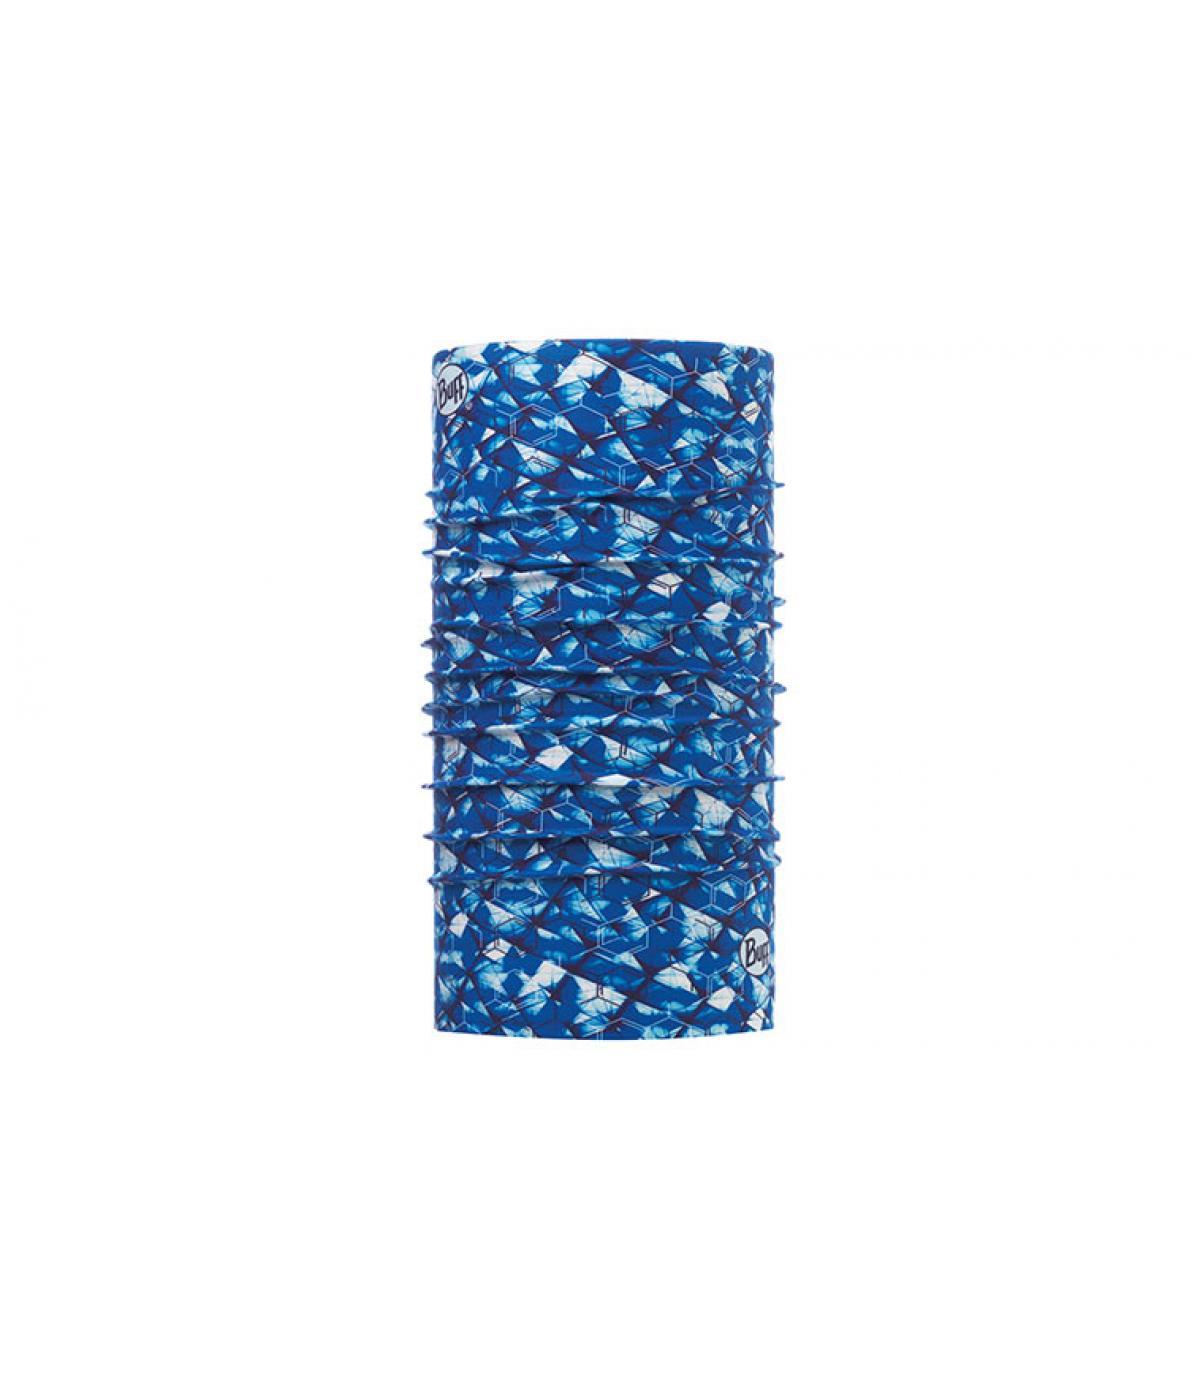 Buff bedruckt blau weiß